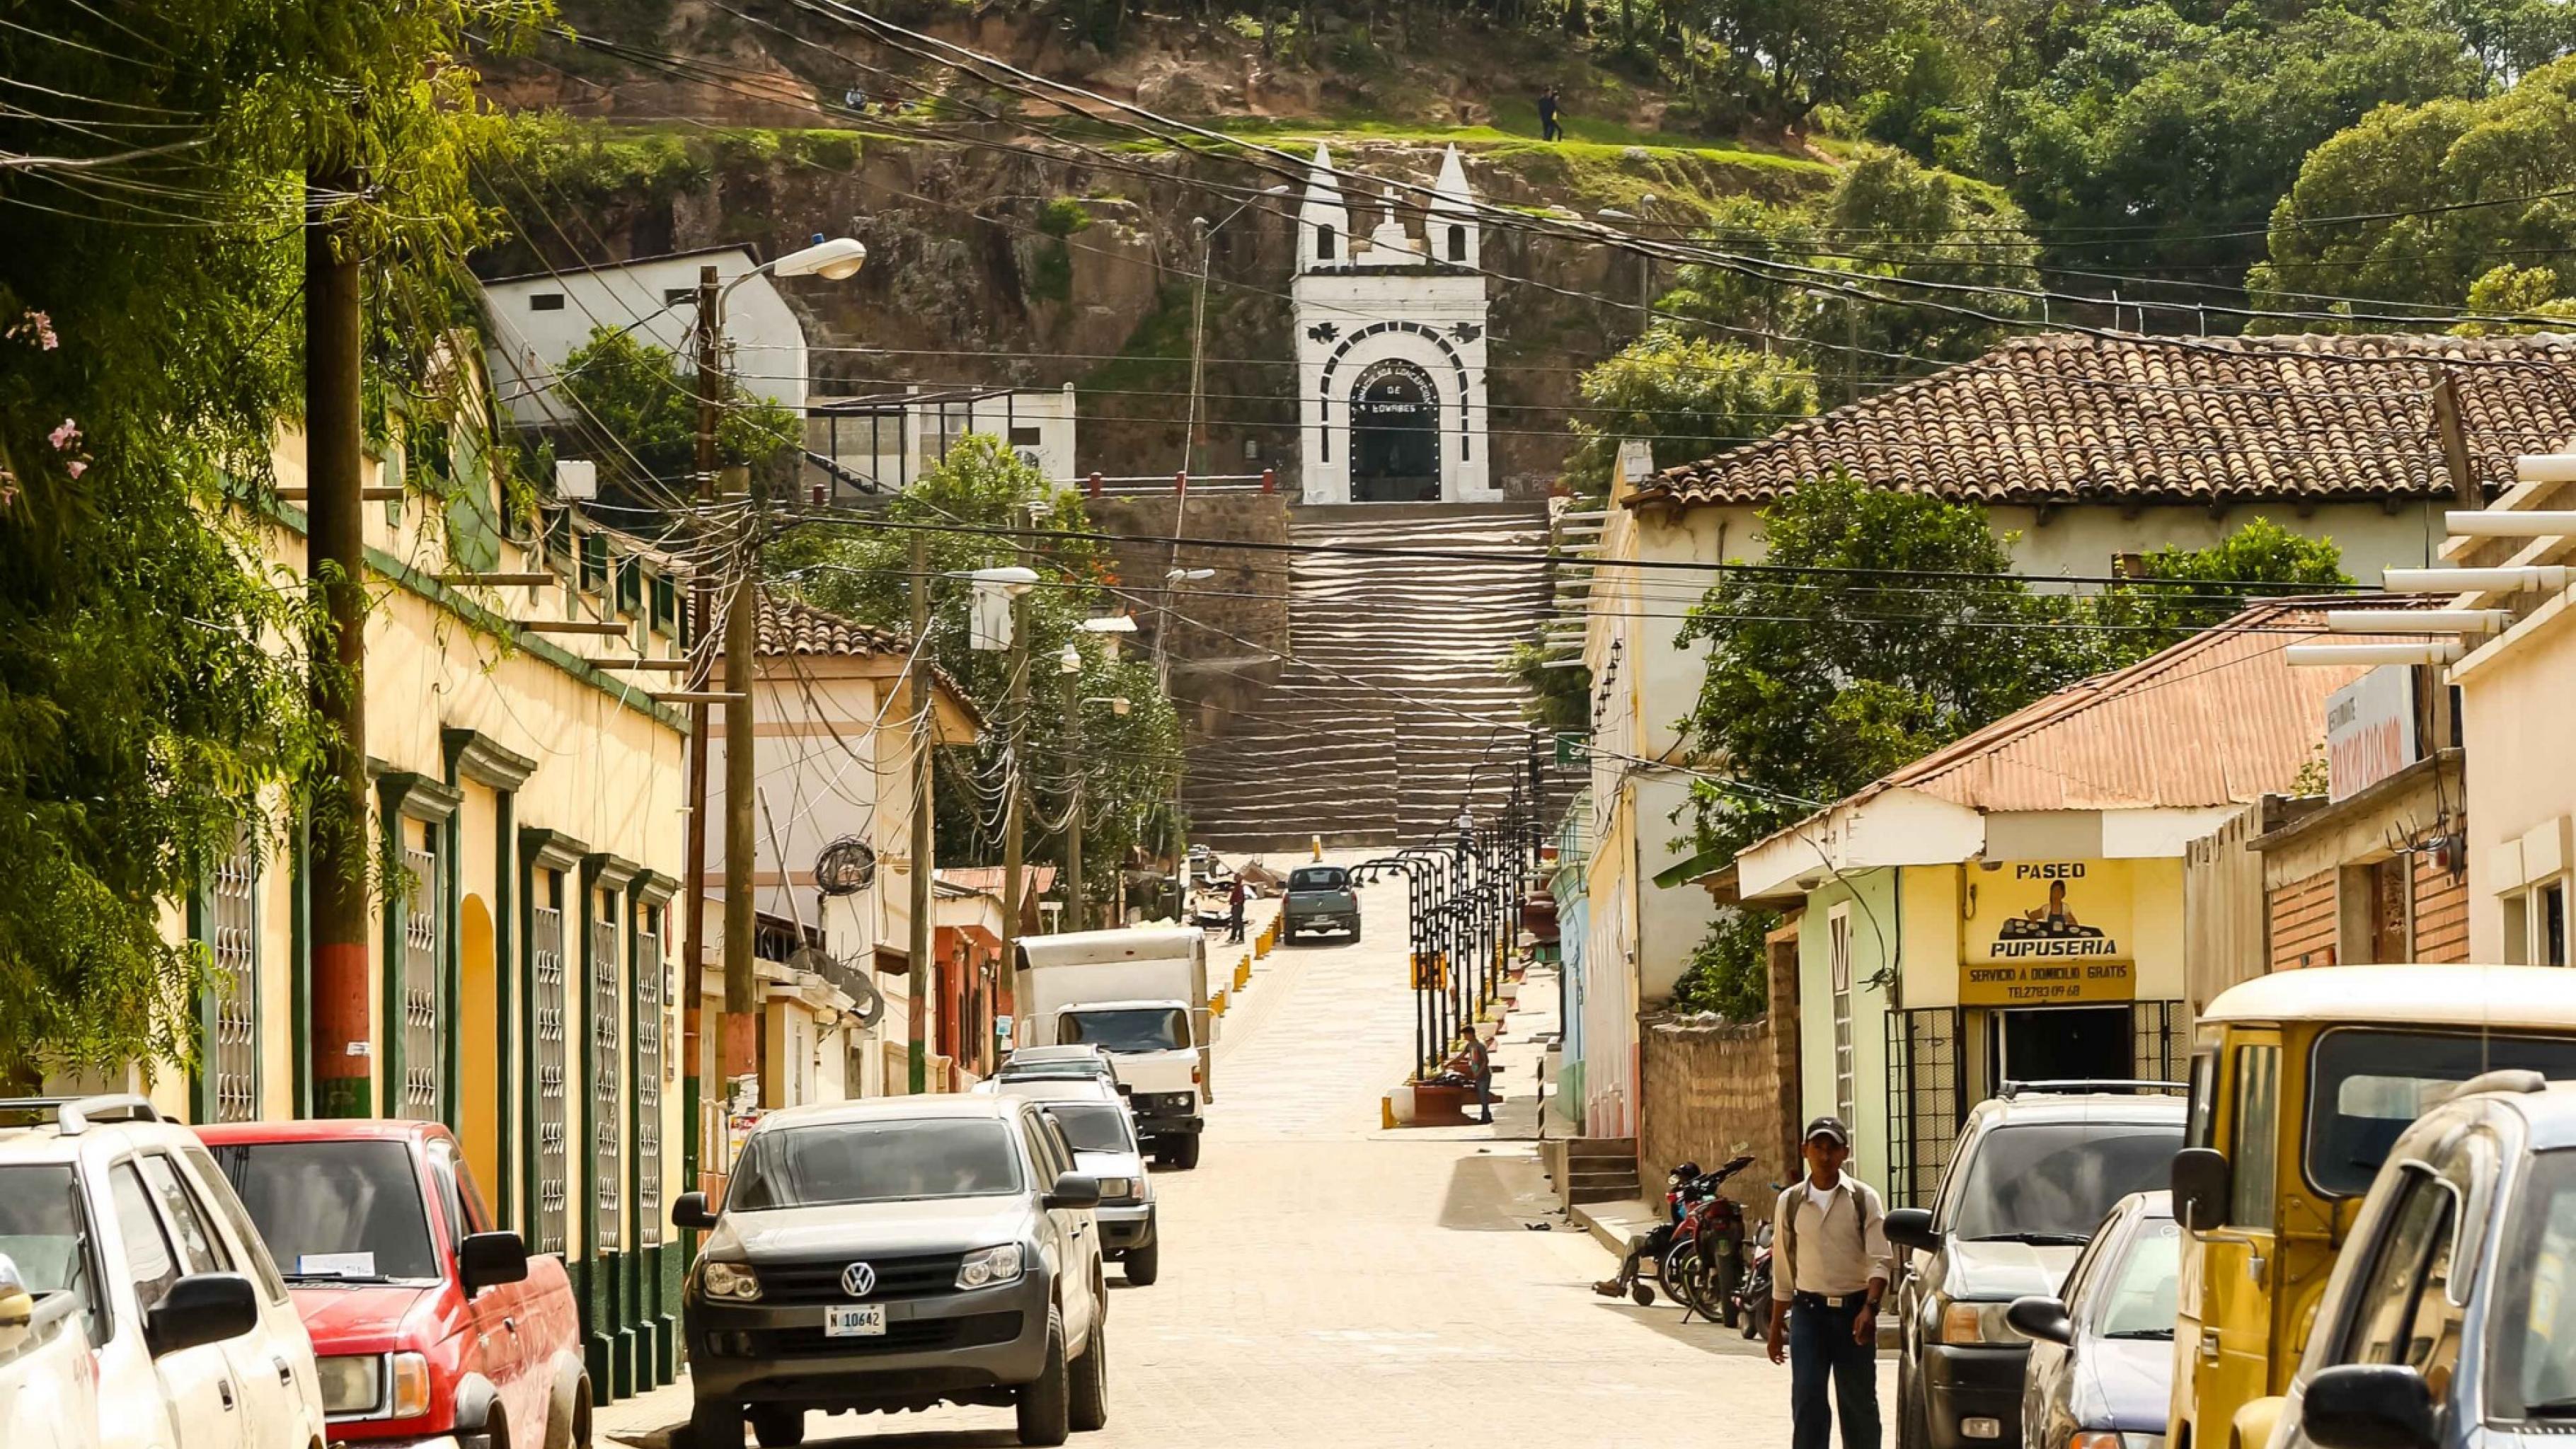 Eine sonnige kleine Straße, gesäumt von Autos und niedrigen Häusern, führt bergauf. Am Ende der Straße führt eine Treppe zu einer Kapelle an einem bewaldeten Berg.